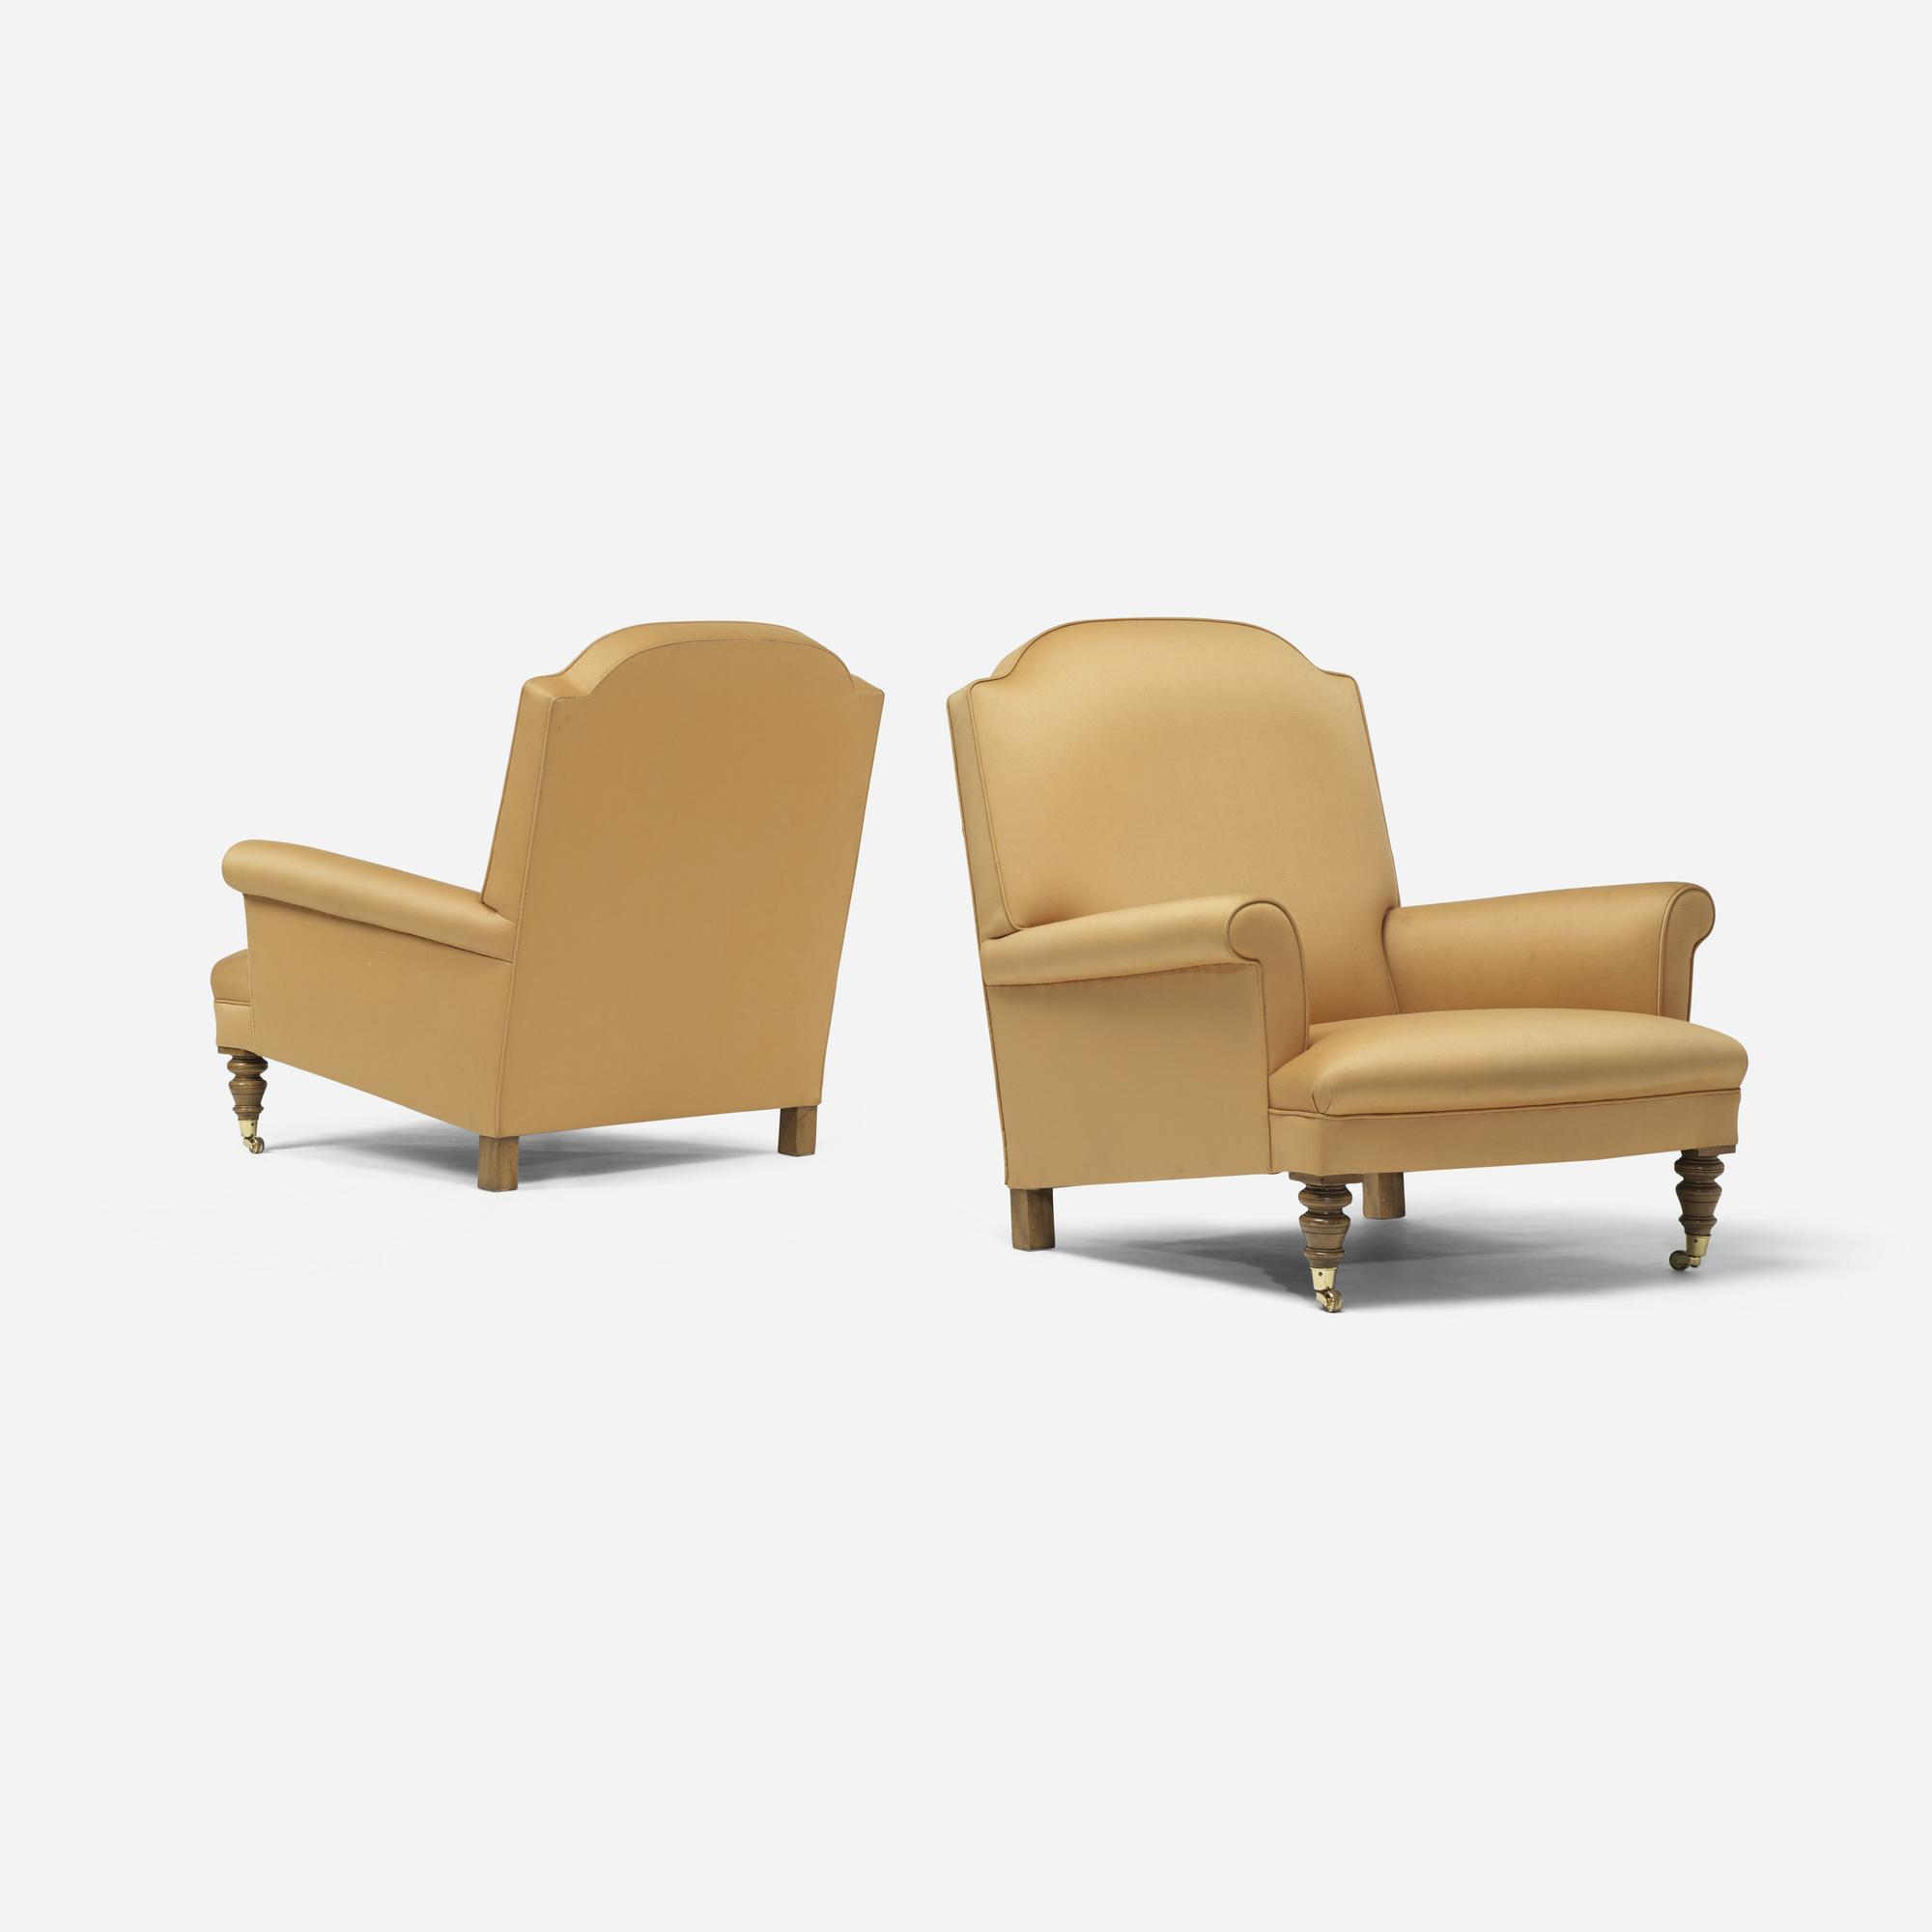 259: Bridgewater / lounge chairs, pair (1 of 3)